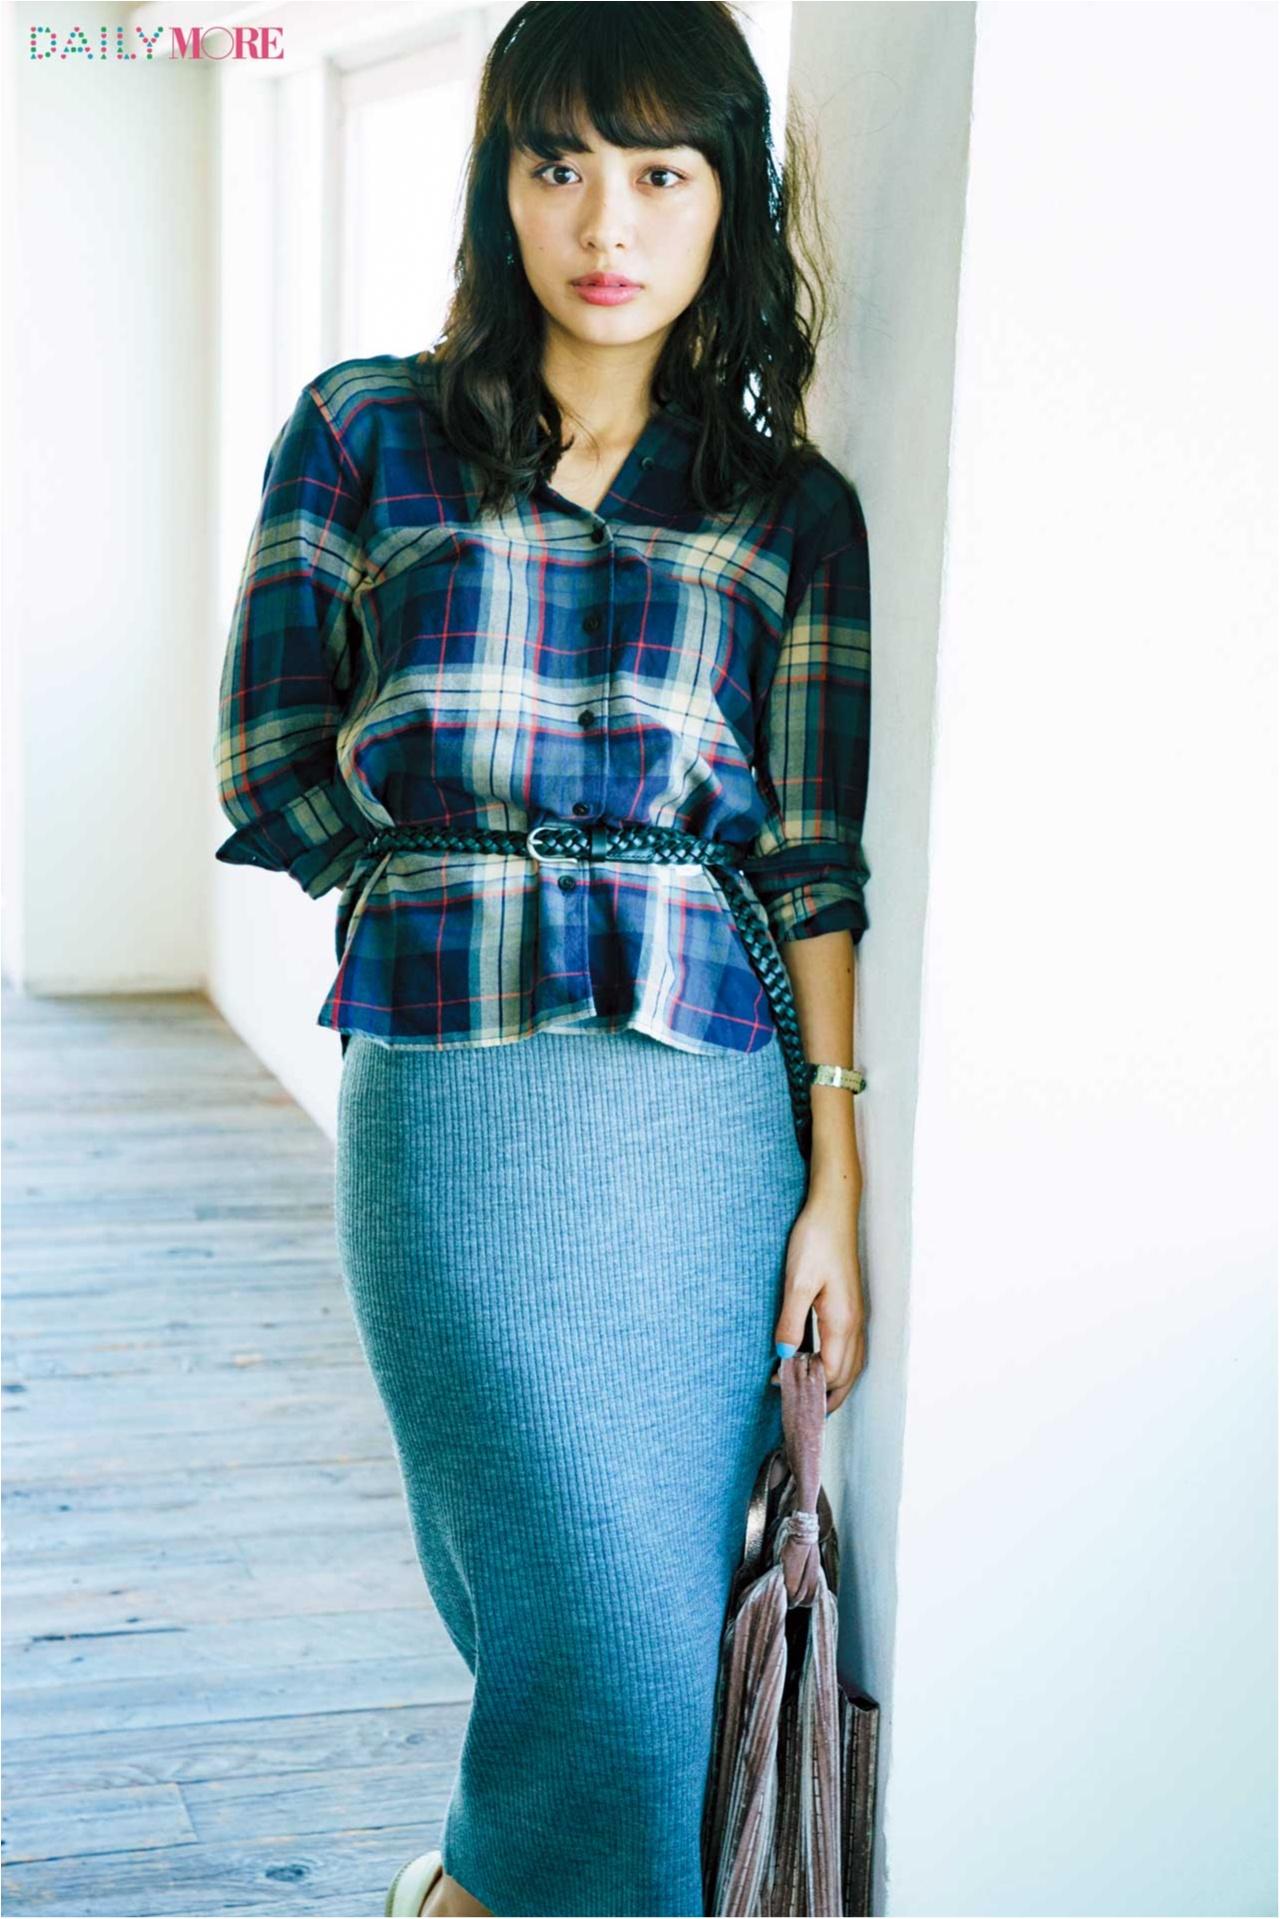 【2017年秋のおすすめ『ユニクロ』コーデ3】 チェック柄のネルシャツで女っぷりが高まるプチプラコーデ